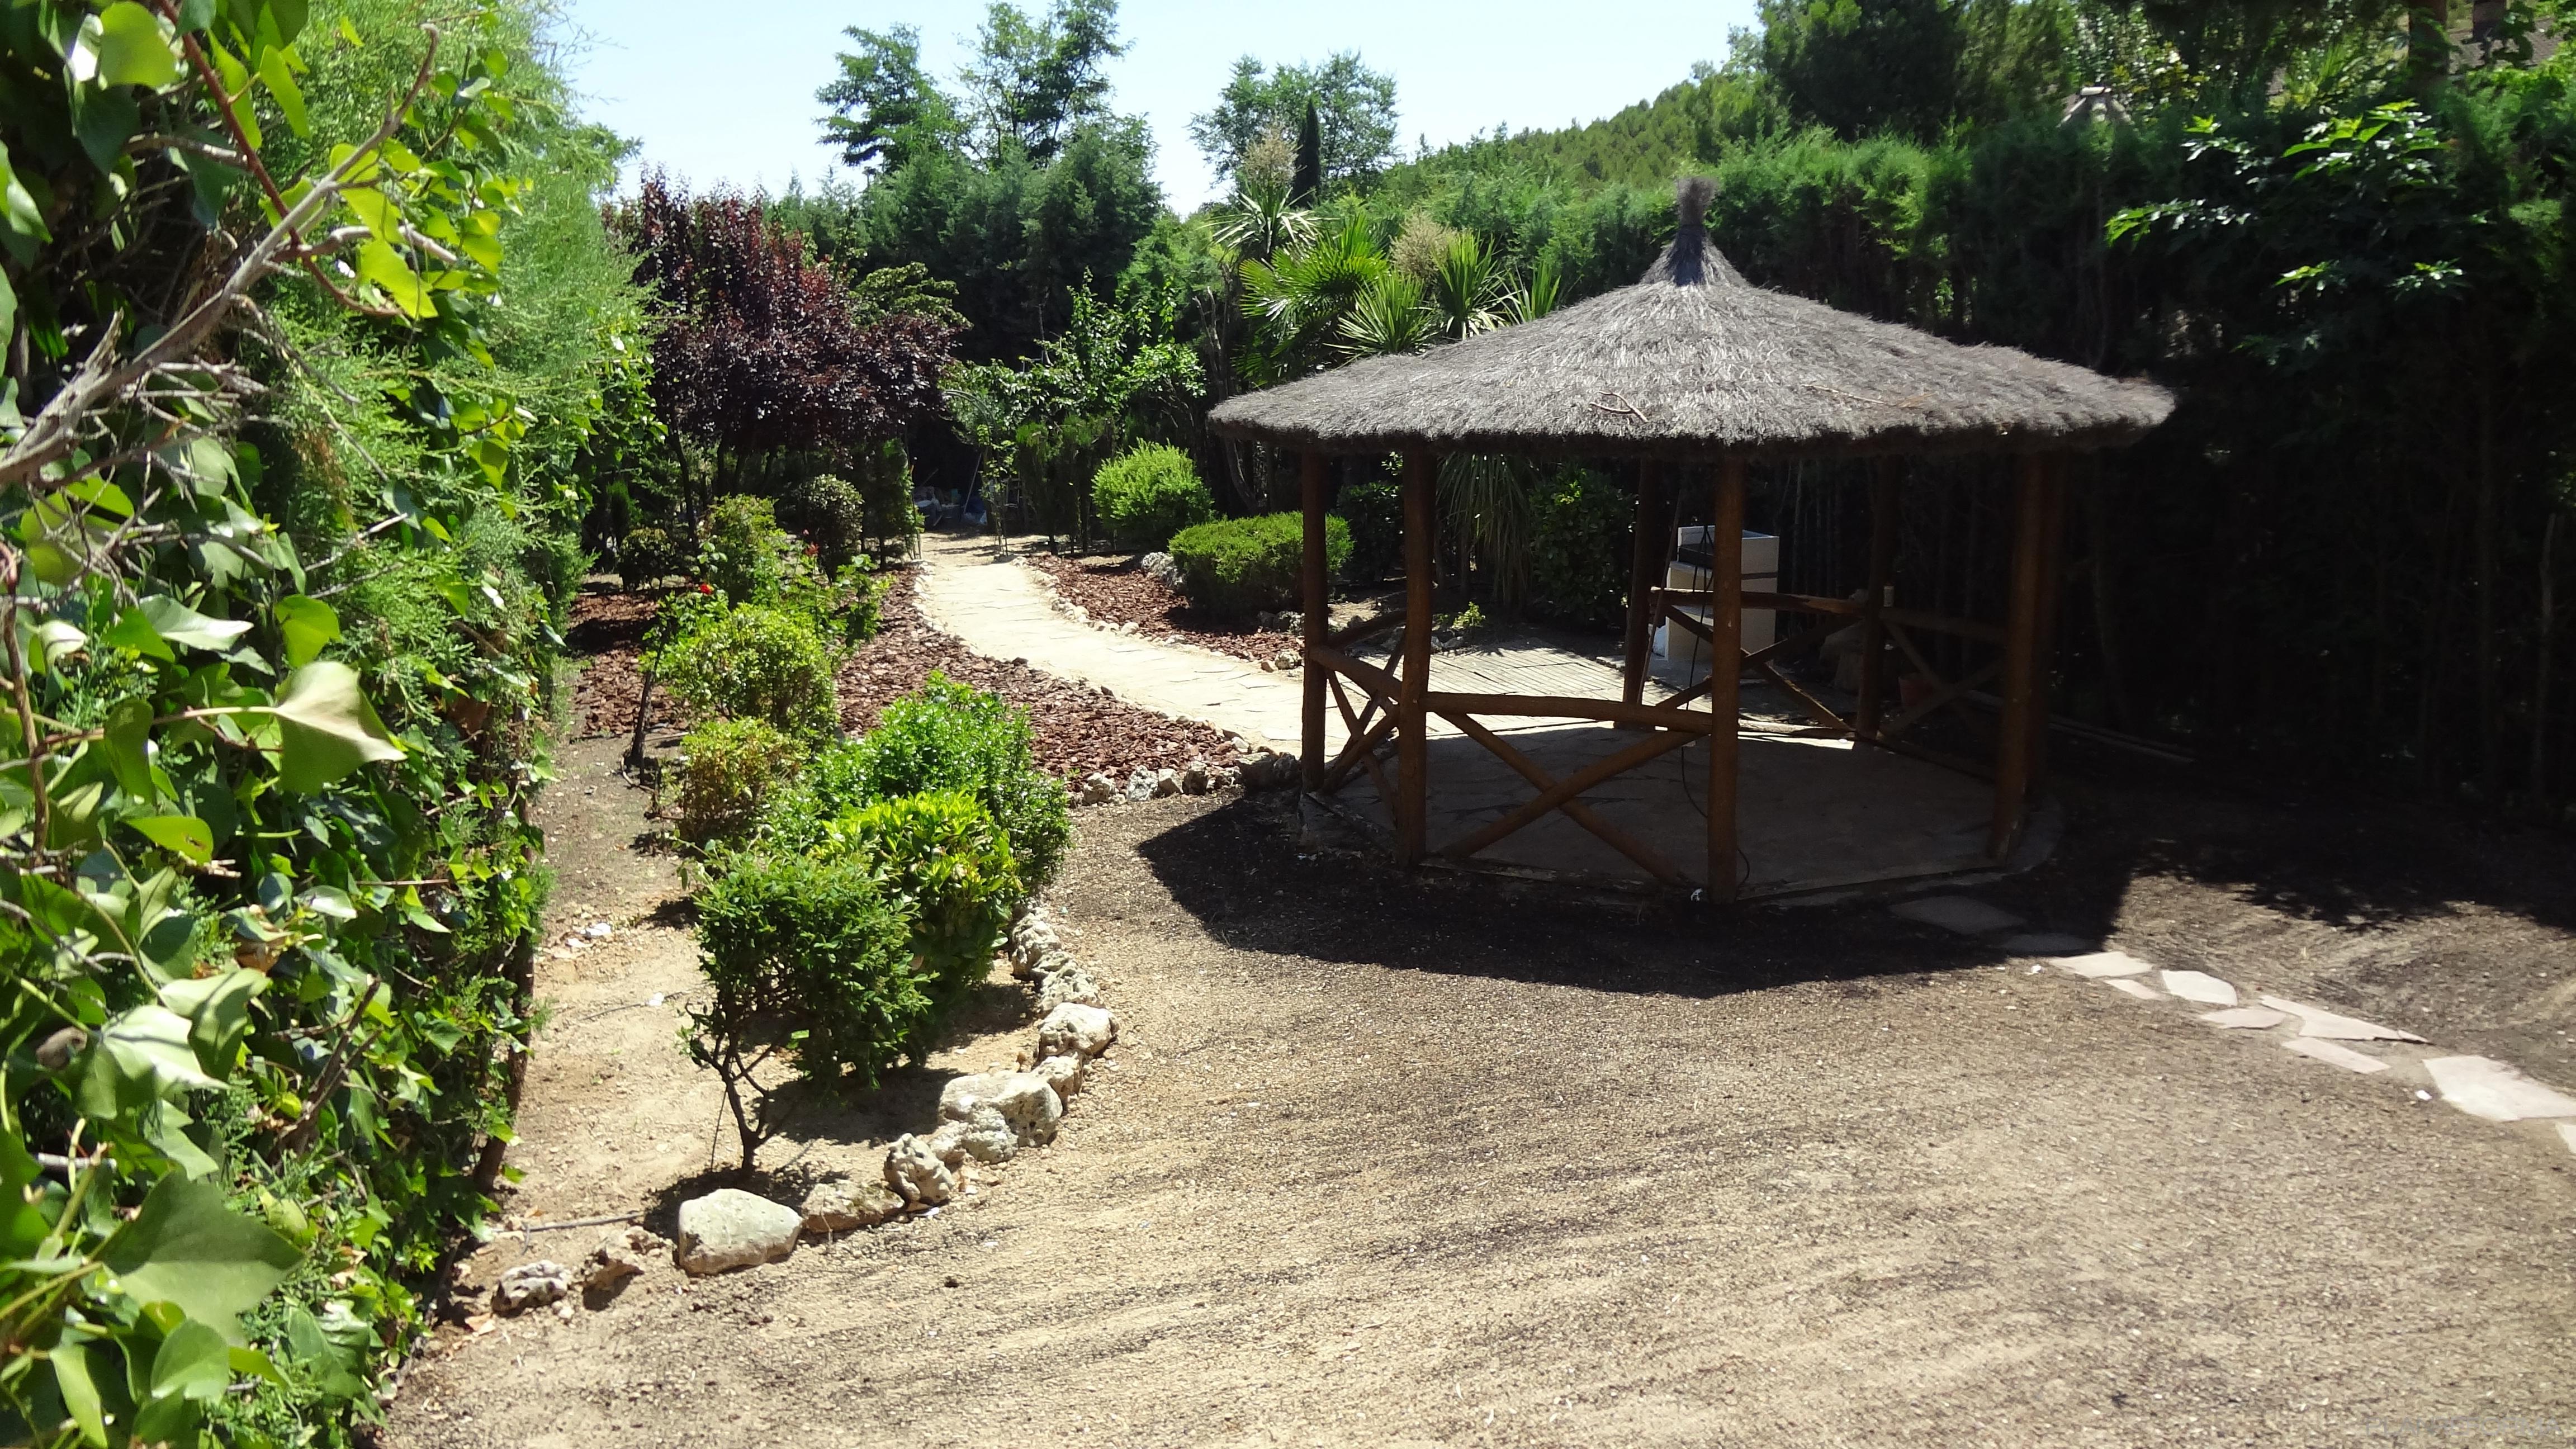 Jardin Estilo contemporaneo Color marron, verde, marron  diseñado por Arquigestiona | Arquitecto Técnico